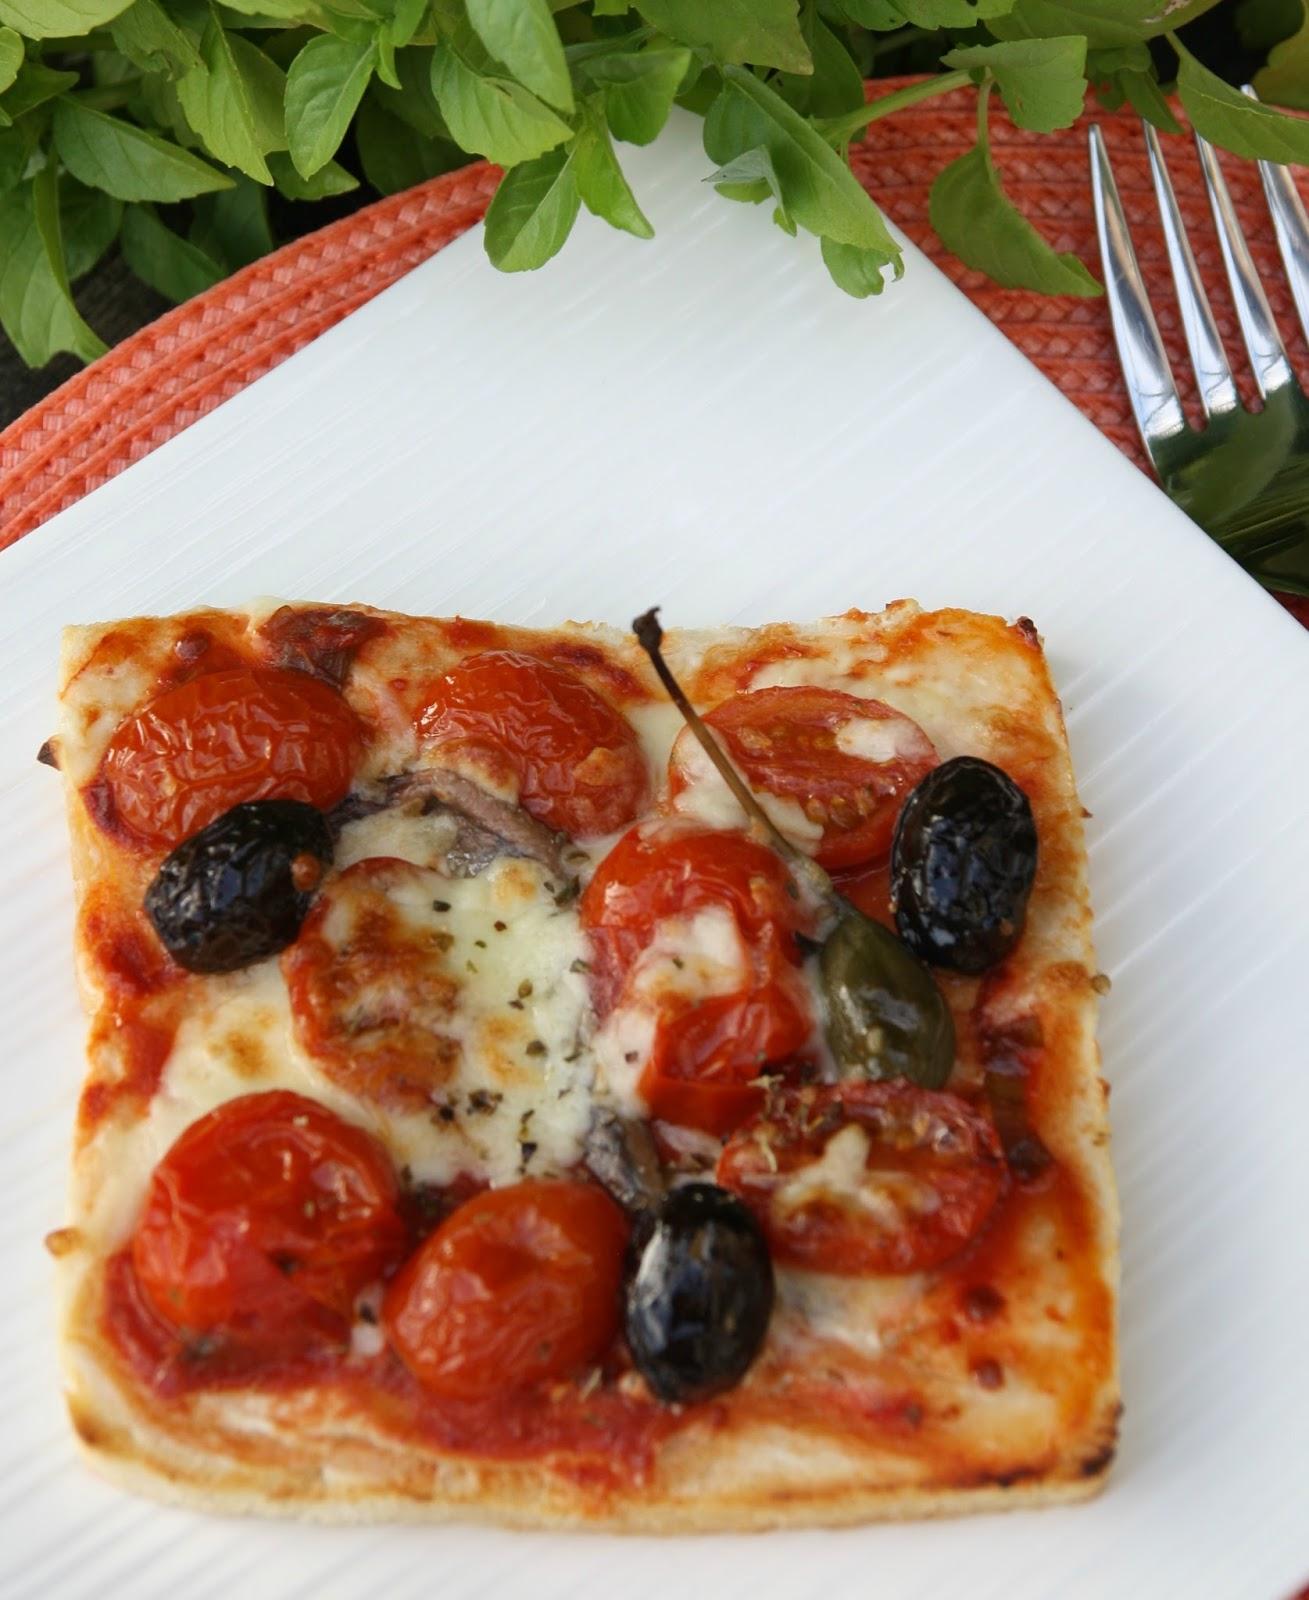 pizza express 100 mie harrys et sa garniture tomato st m ret concours parmesan et paprika. Black Bedroom Furniture Sets. Home Design Ideas